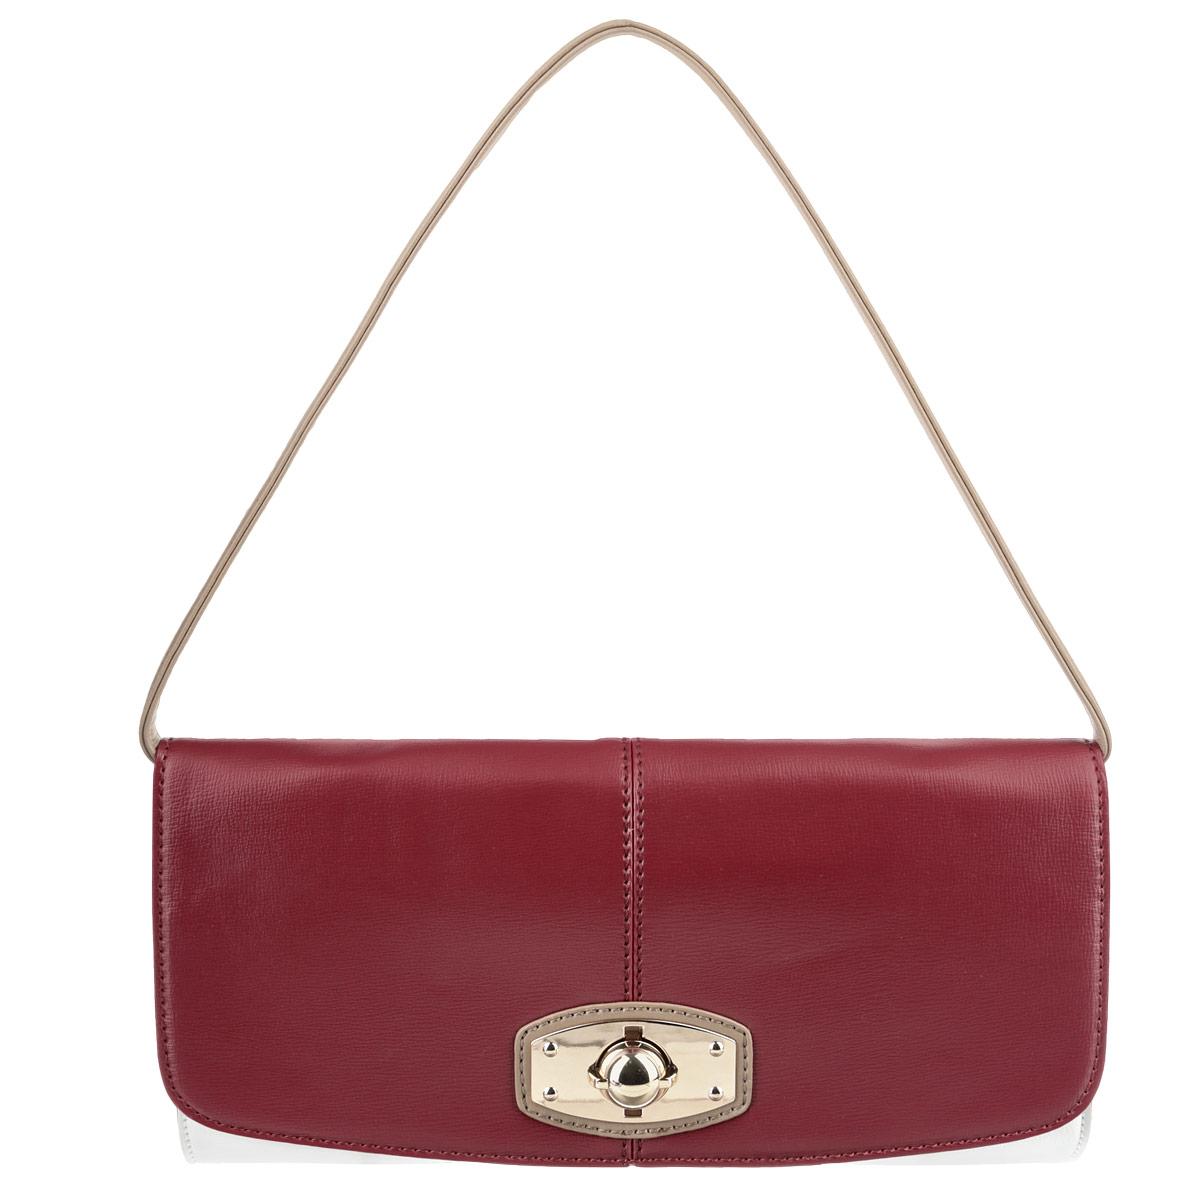 Клатч женский Jane Shilton, цвет: бордовый, белый. 12141214Стильный клатч Jane Shilton изготовлен из высококачественной искусственной кожи. Сумка оснащена съемным ремнем, регулируемой длины. Изделие закрывается на замок-вертушку. Внутреннее отделение разделено средником на застежке-молнии, содержит один накладной карман для мобильного телефона и врезной карман на застежке-молнии. Тыльная сторона дополнена врезным карманом на застежке-молнии. Фурнитура золотистого цвета. Современная женщина - особа взыскательная. Для работы и выхода в свет ей необходим практичный аксессуар, который бы легко и изящно дополнял любой комплект. Для таких женщин и предназначены сумки семьи Shilton, они будут долго служить верой и правдой своей обладательнице.